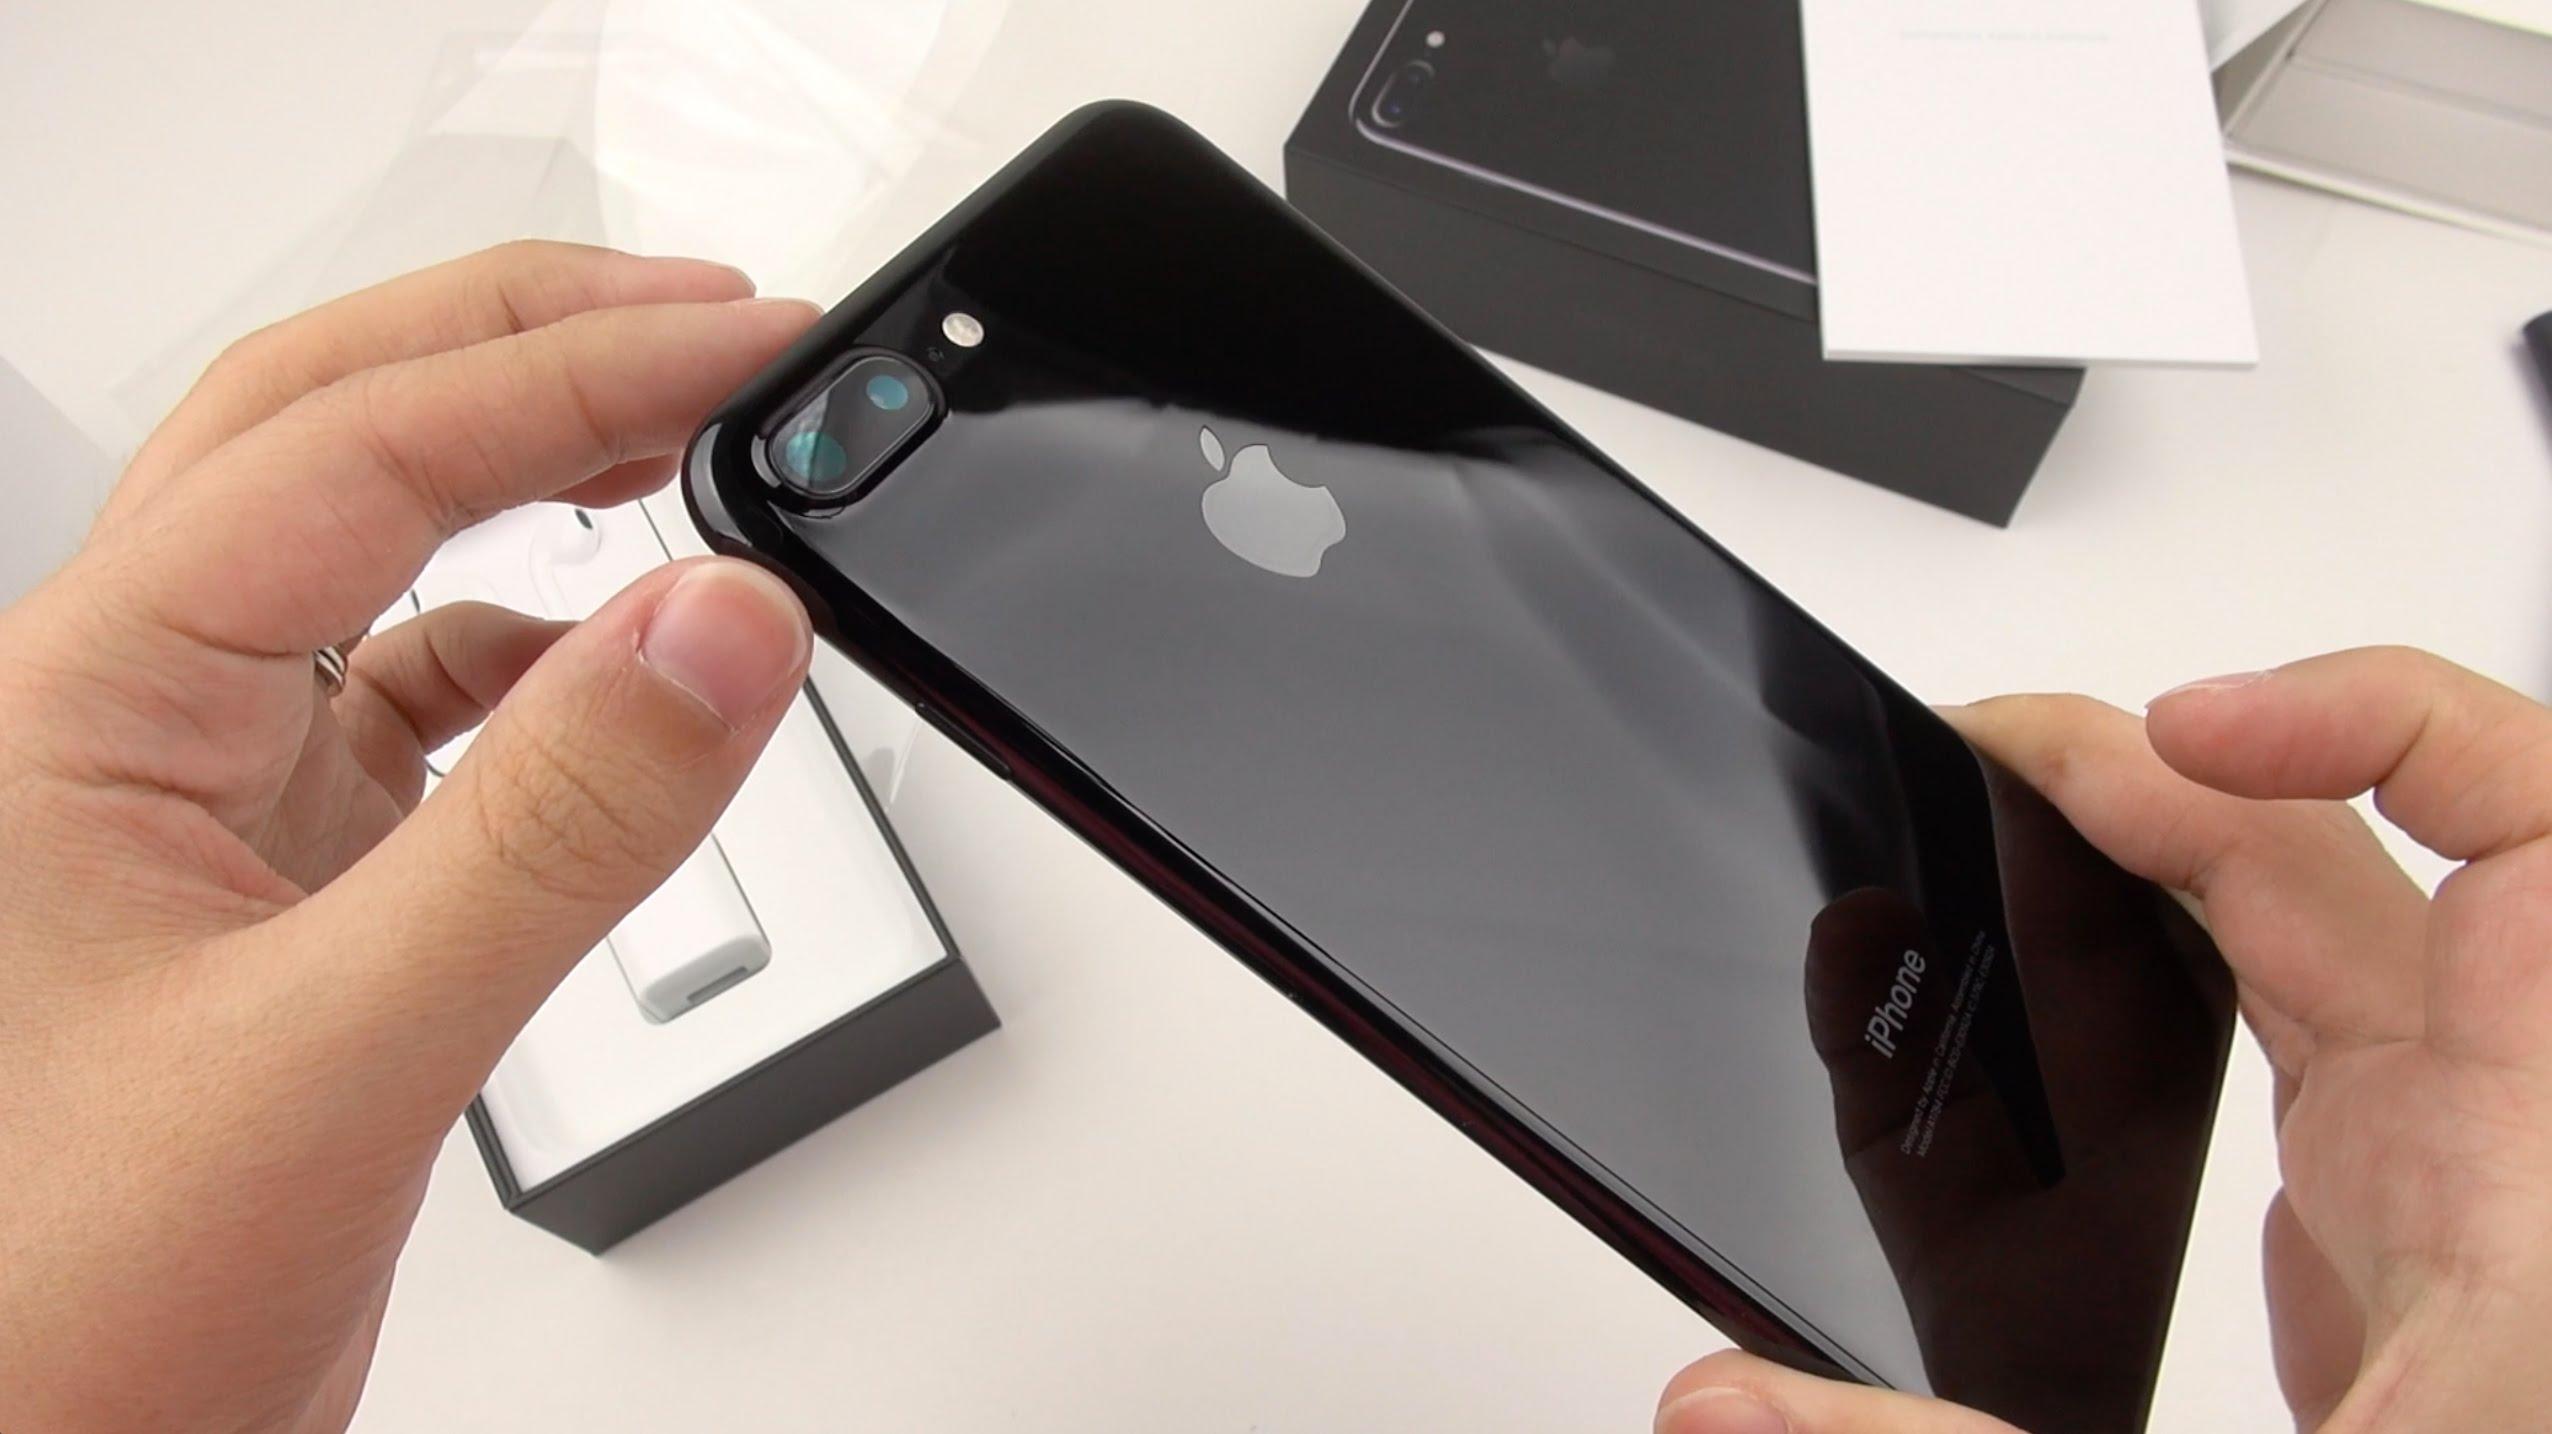 Гражданин Екатеринбурга отсудил усалона мобильной связи 144 тысячи завздувшийся Iphone